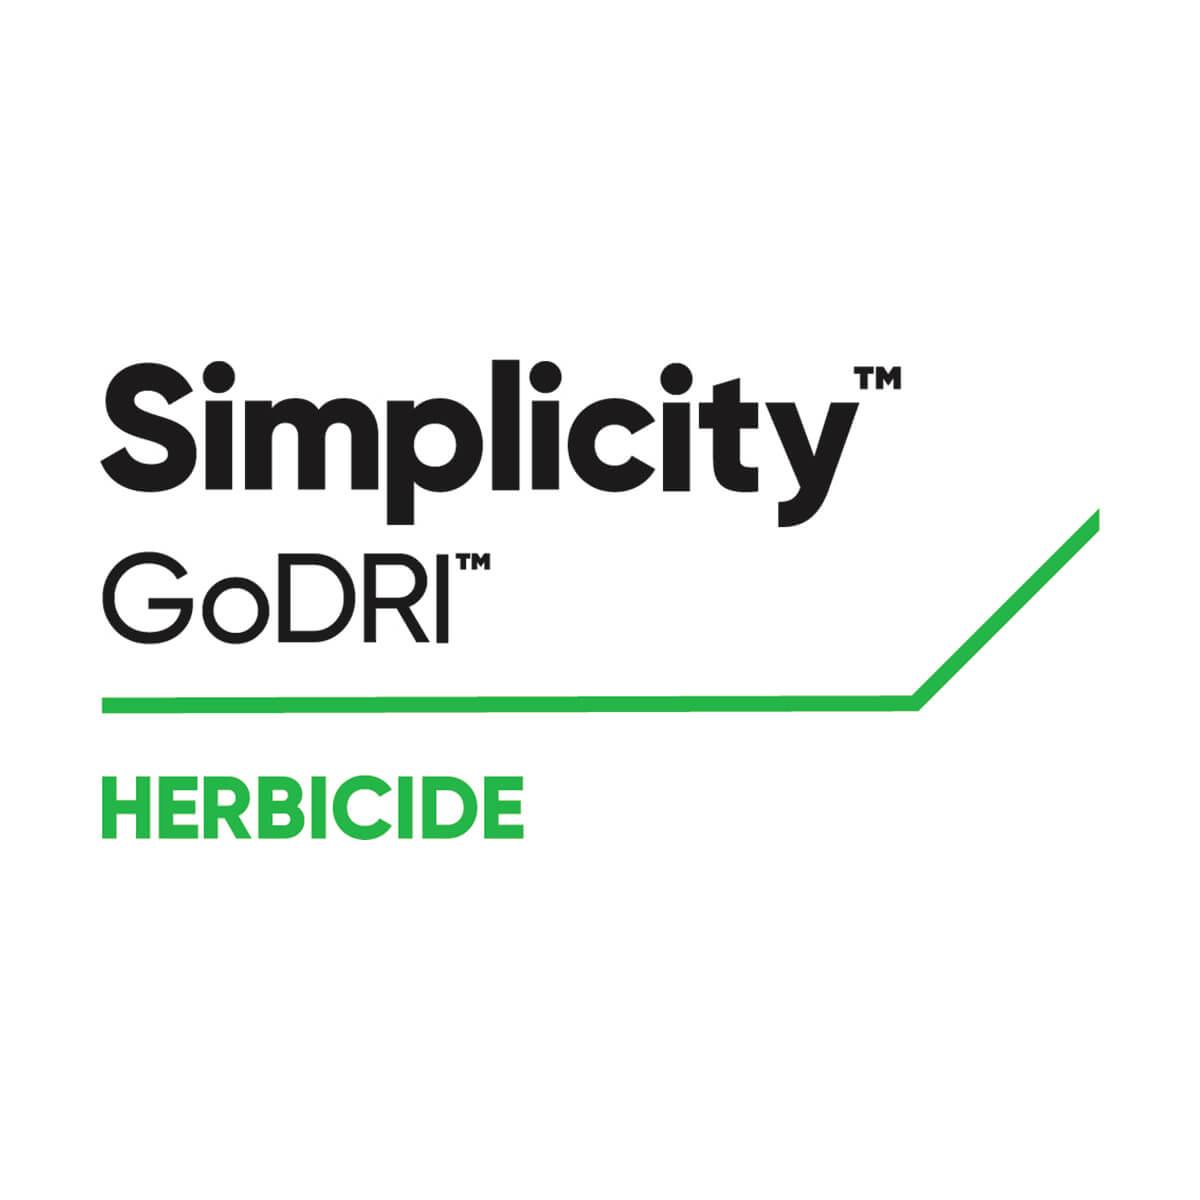 SIMPLICITY GODRI - 2.24 kg Jug